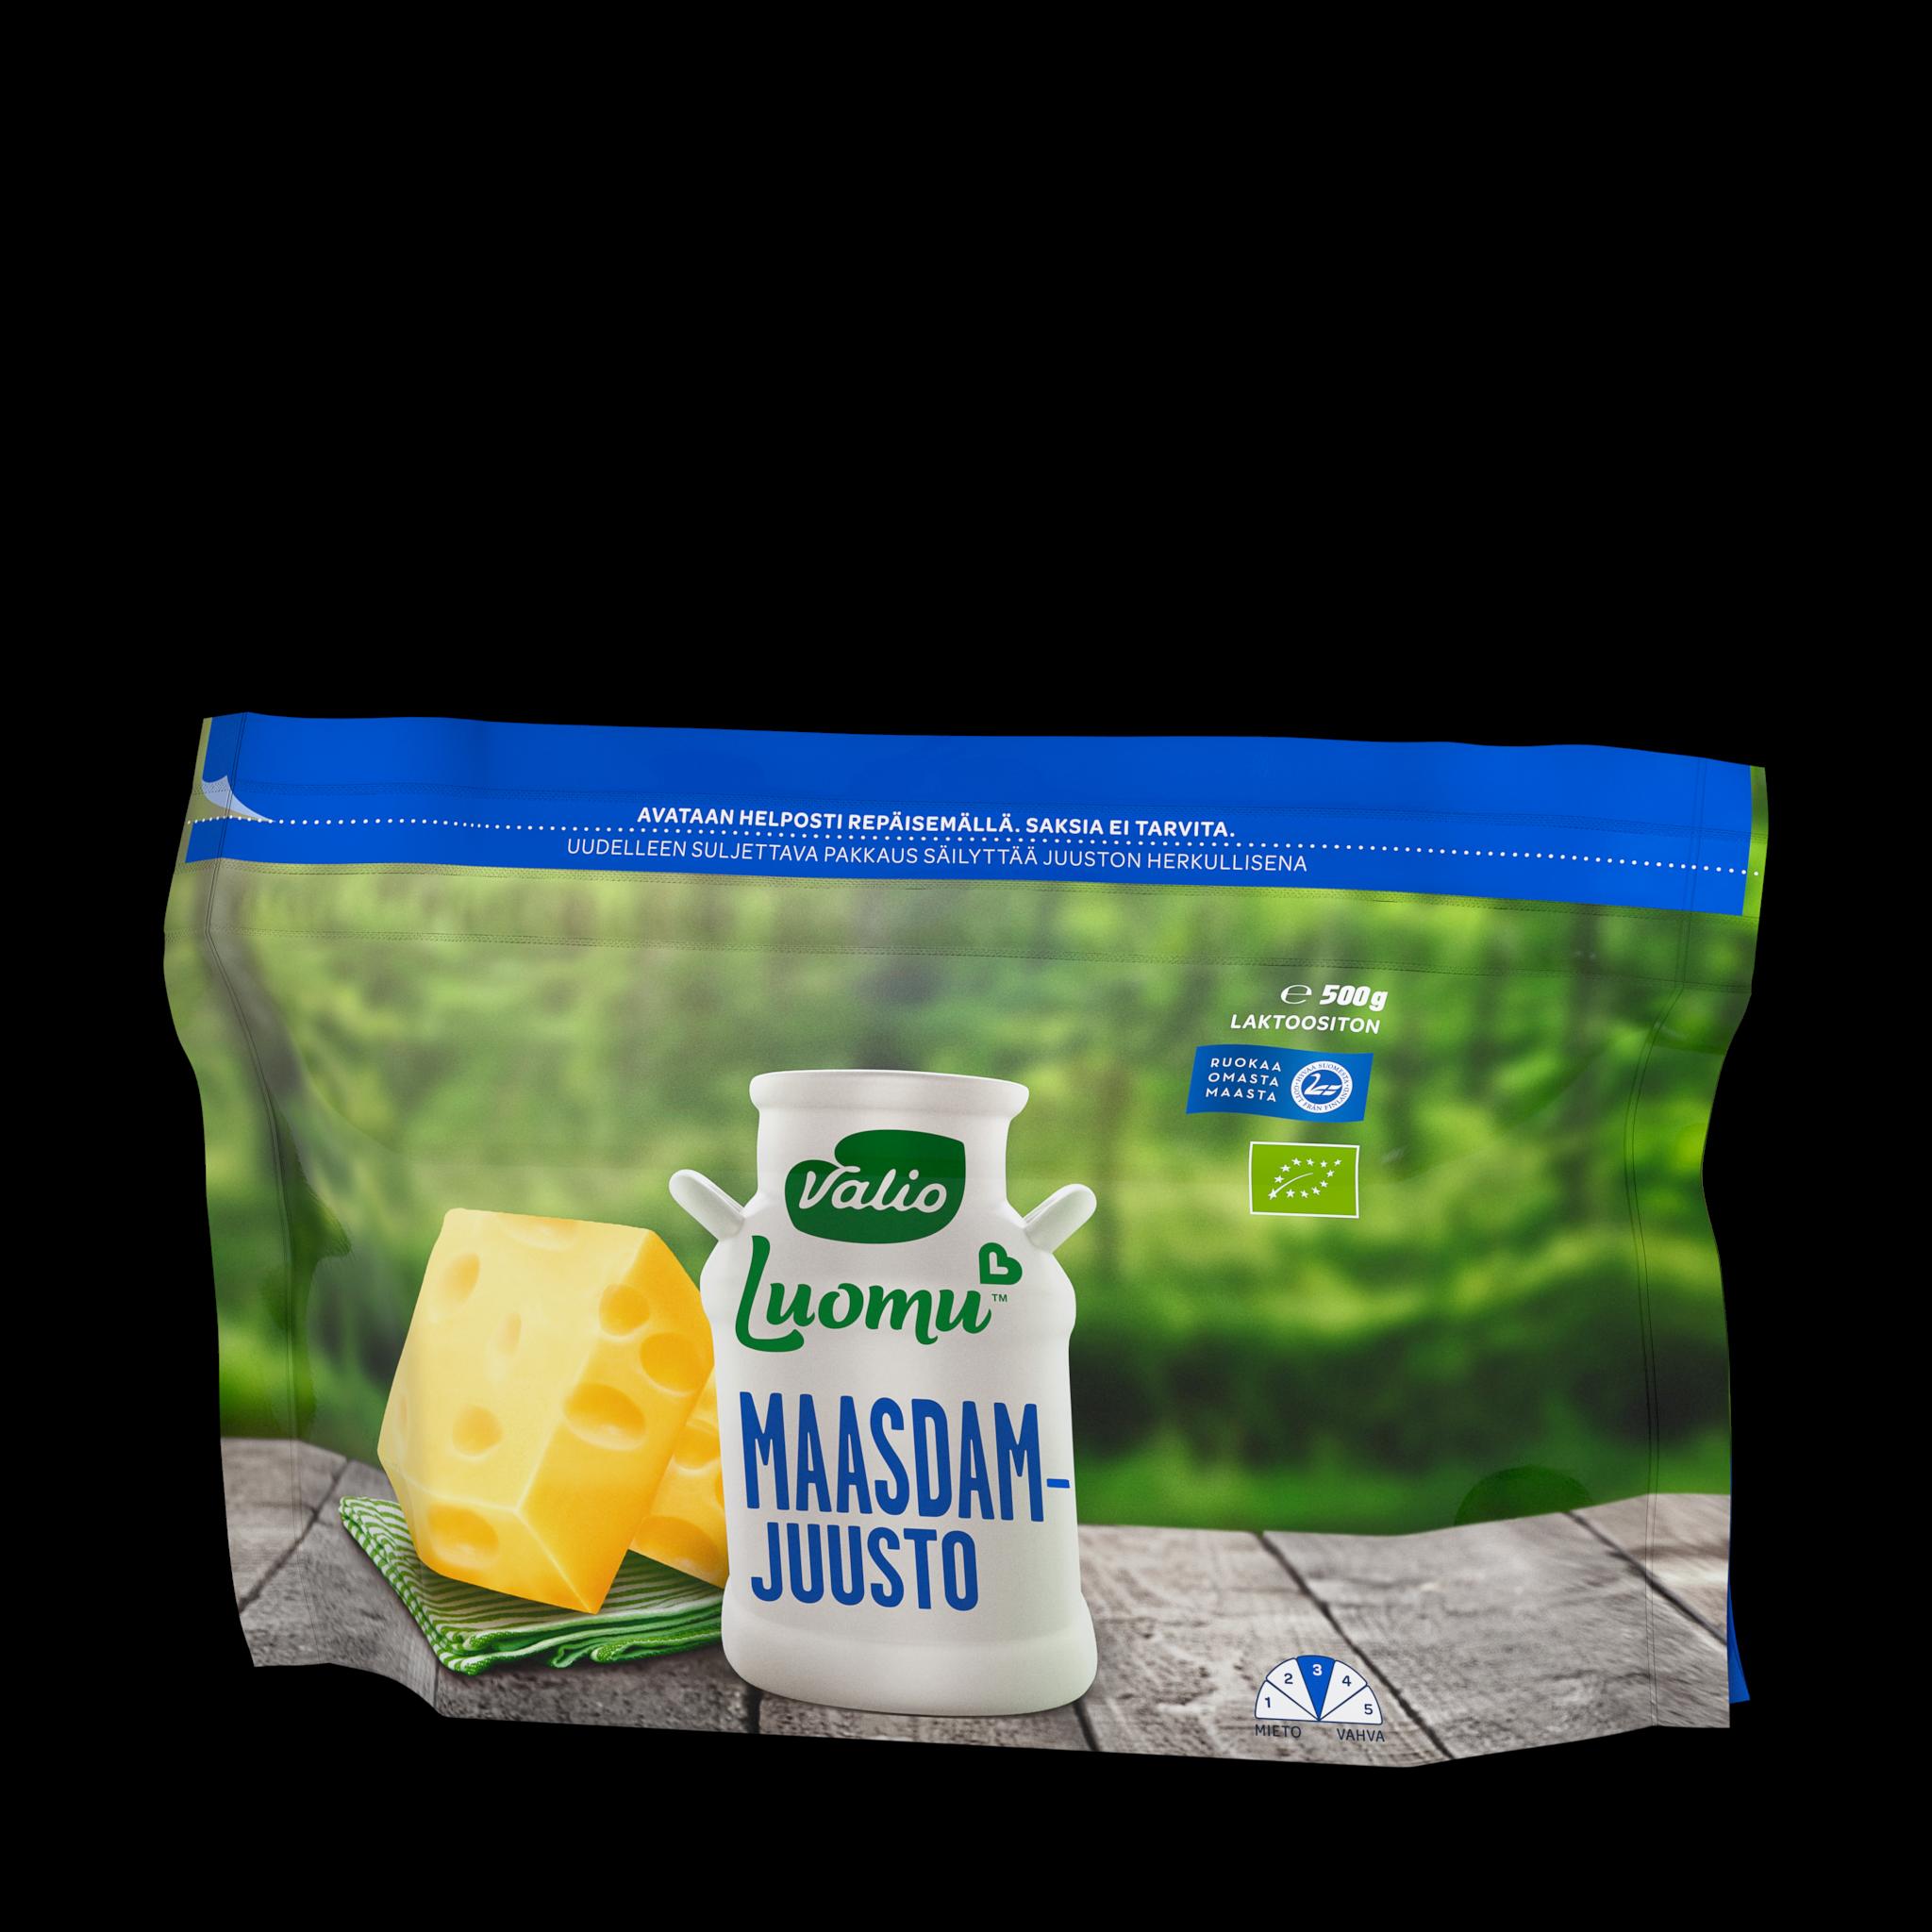 Valio Luomu™ maasdam juusto